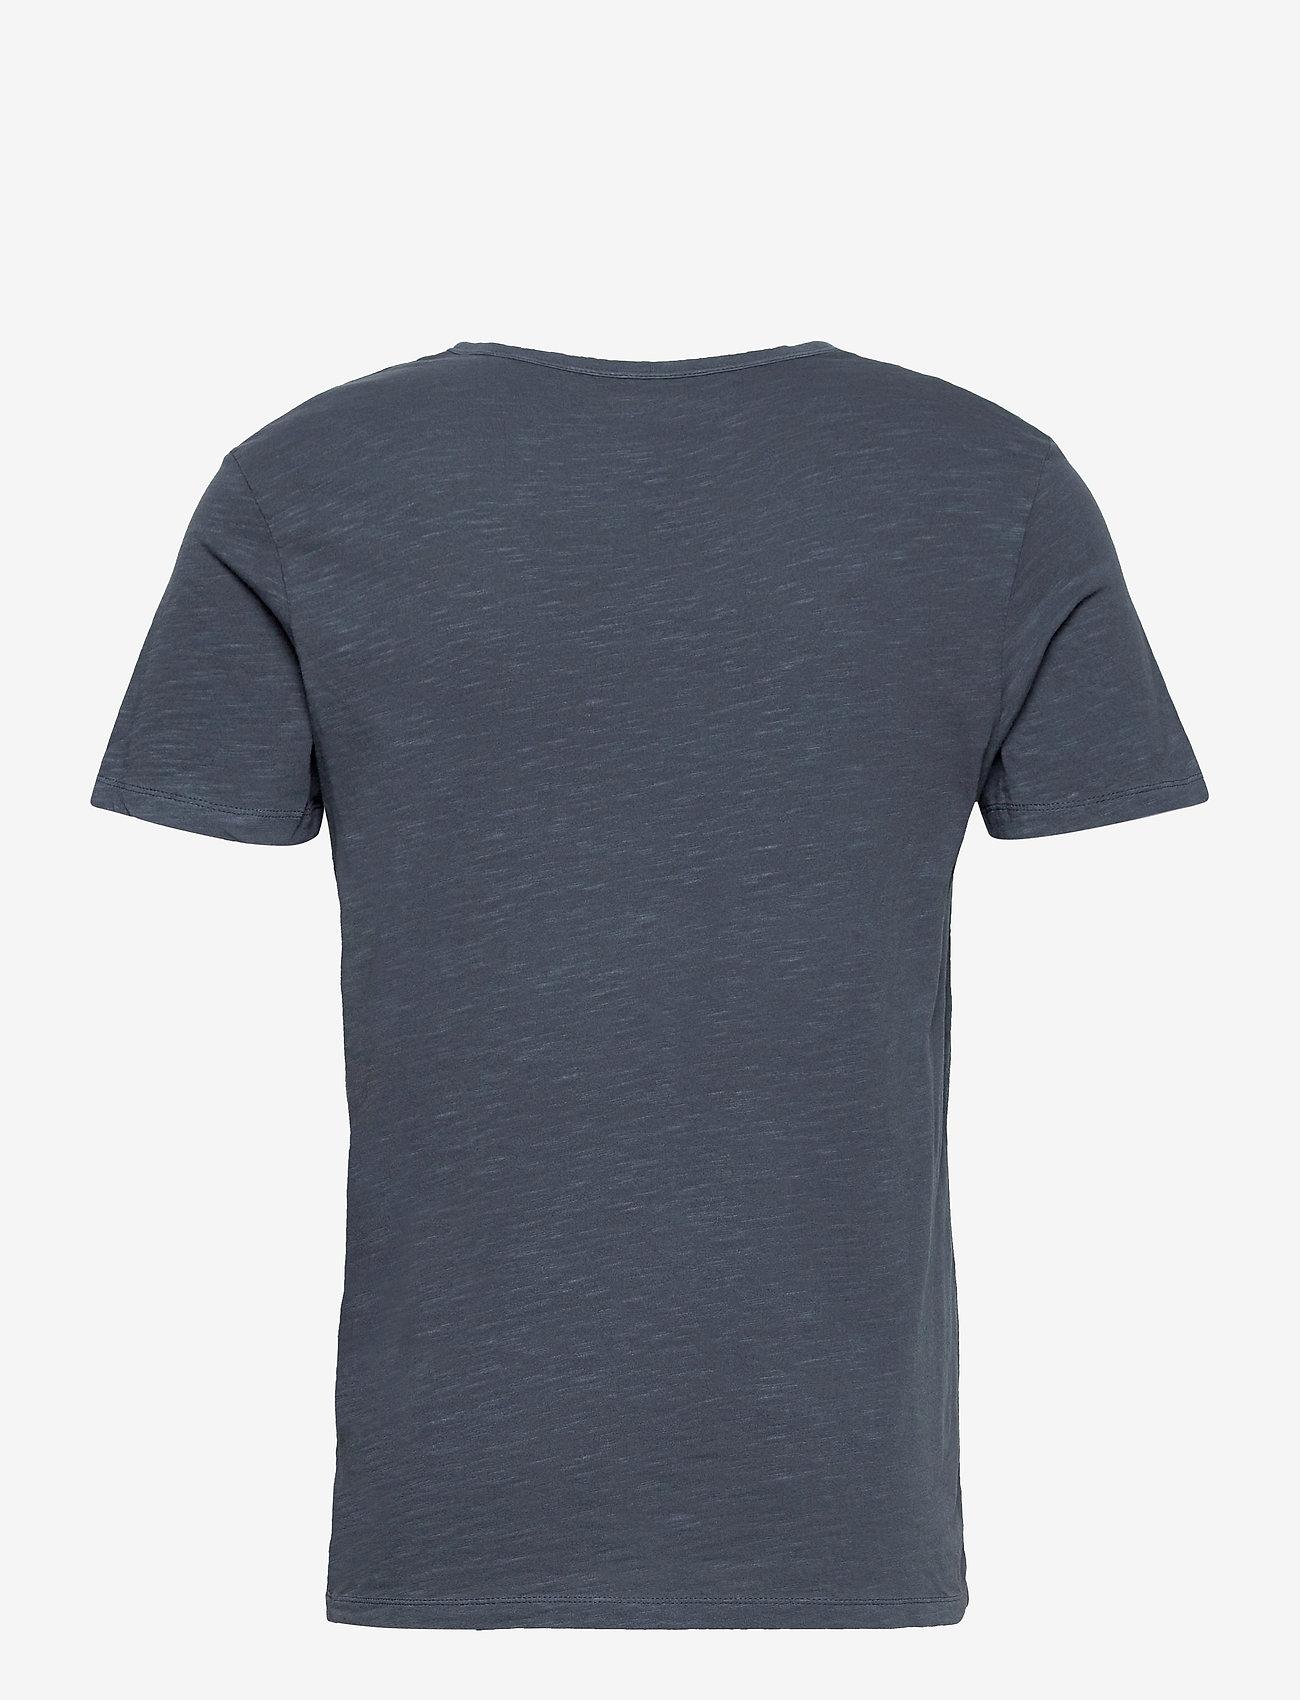 Jack & Jones - JJESPLIT NECK TEE SS - kortärmade t-shirts - navy blazer - 1